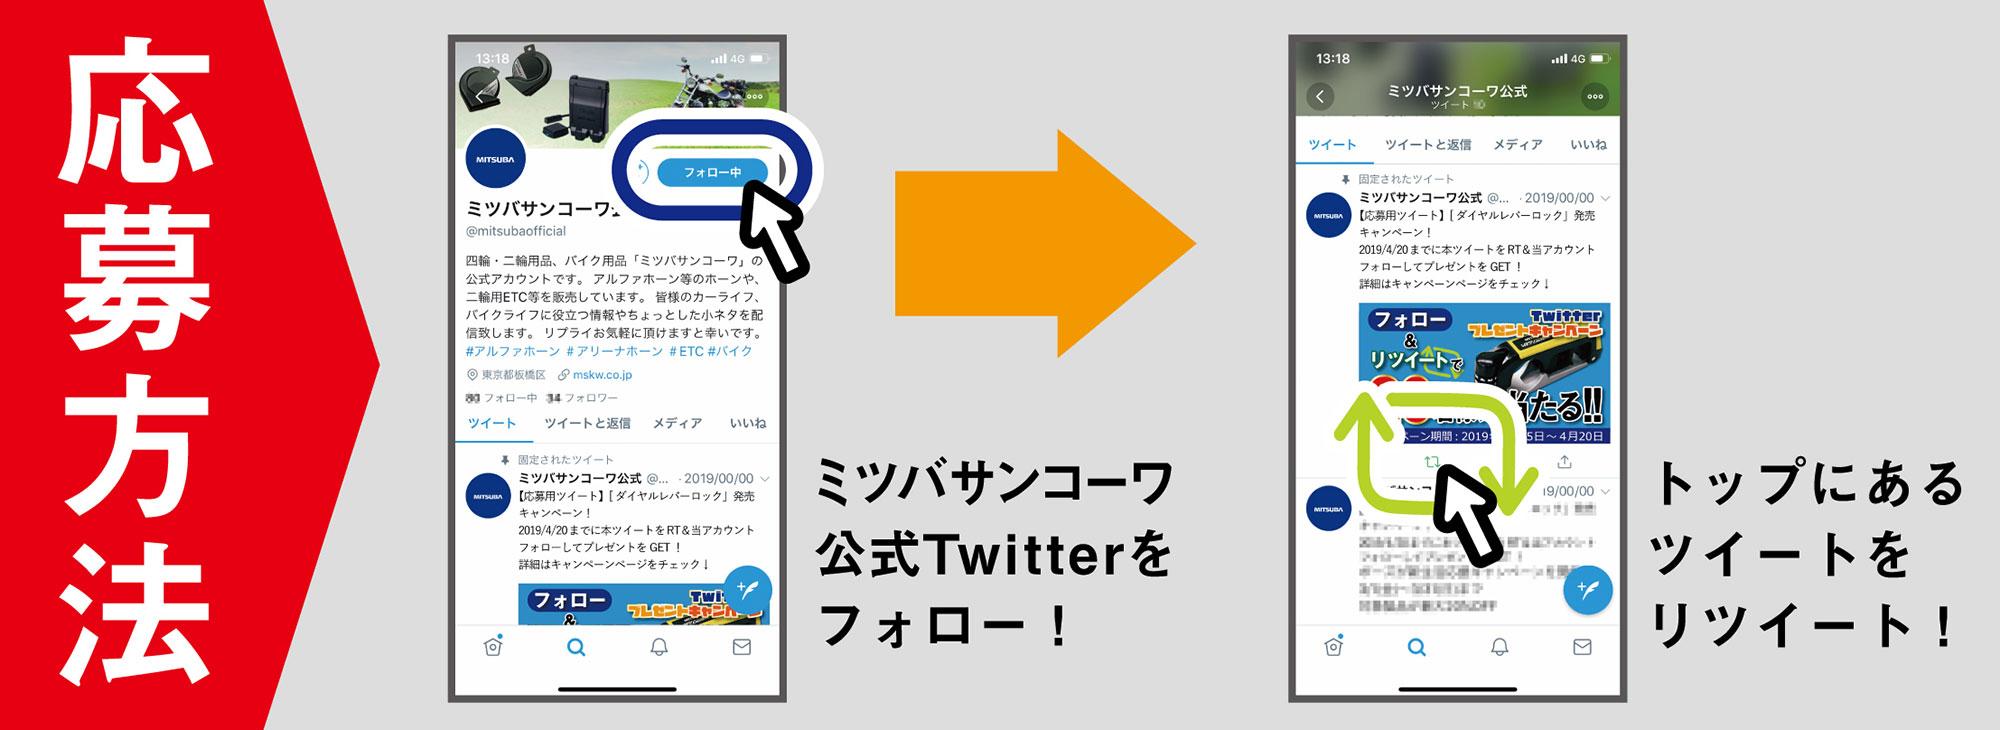 『ダイヤルレバーロック』発売記念 プレゼントキャンペーンのお知らせ